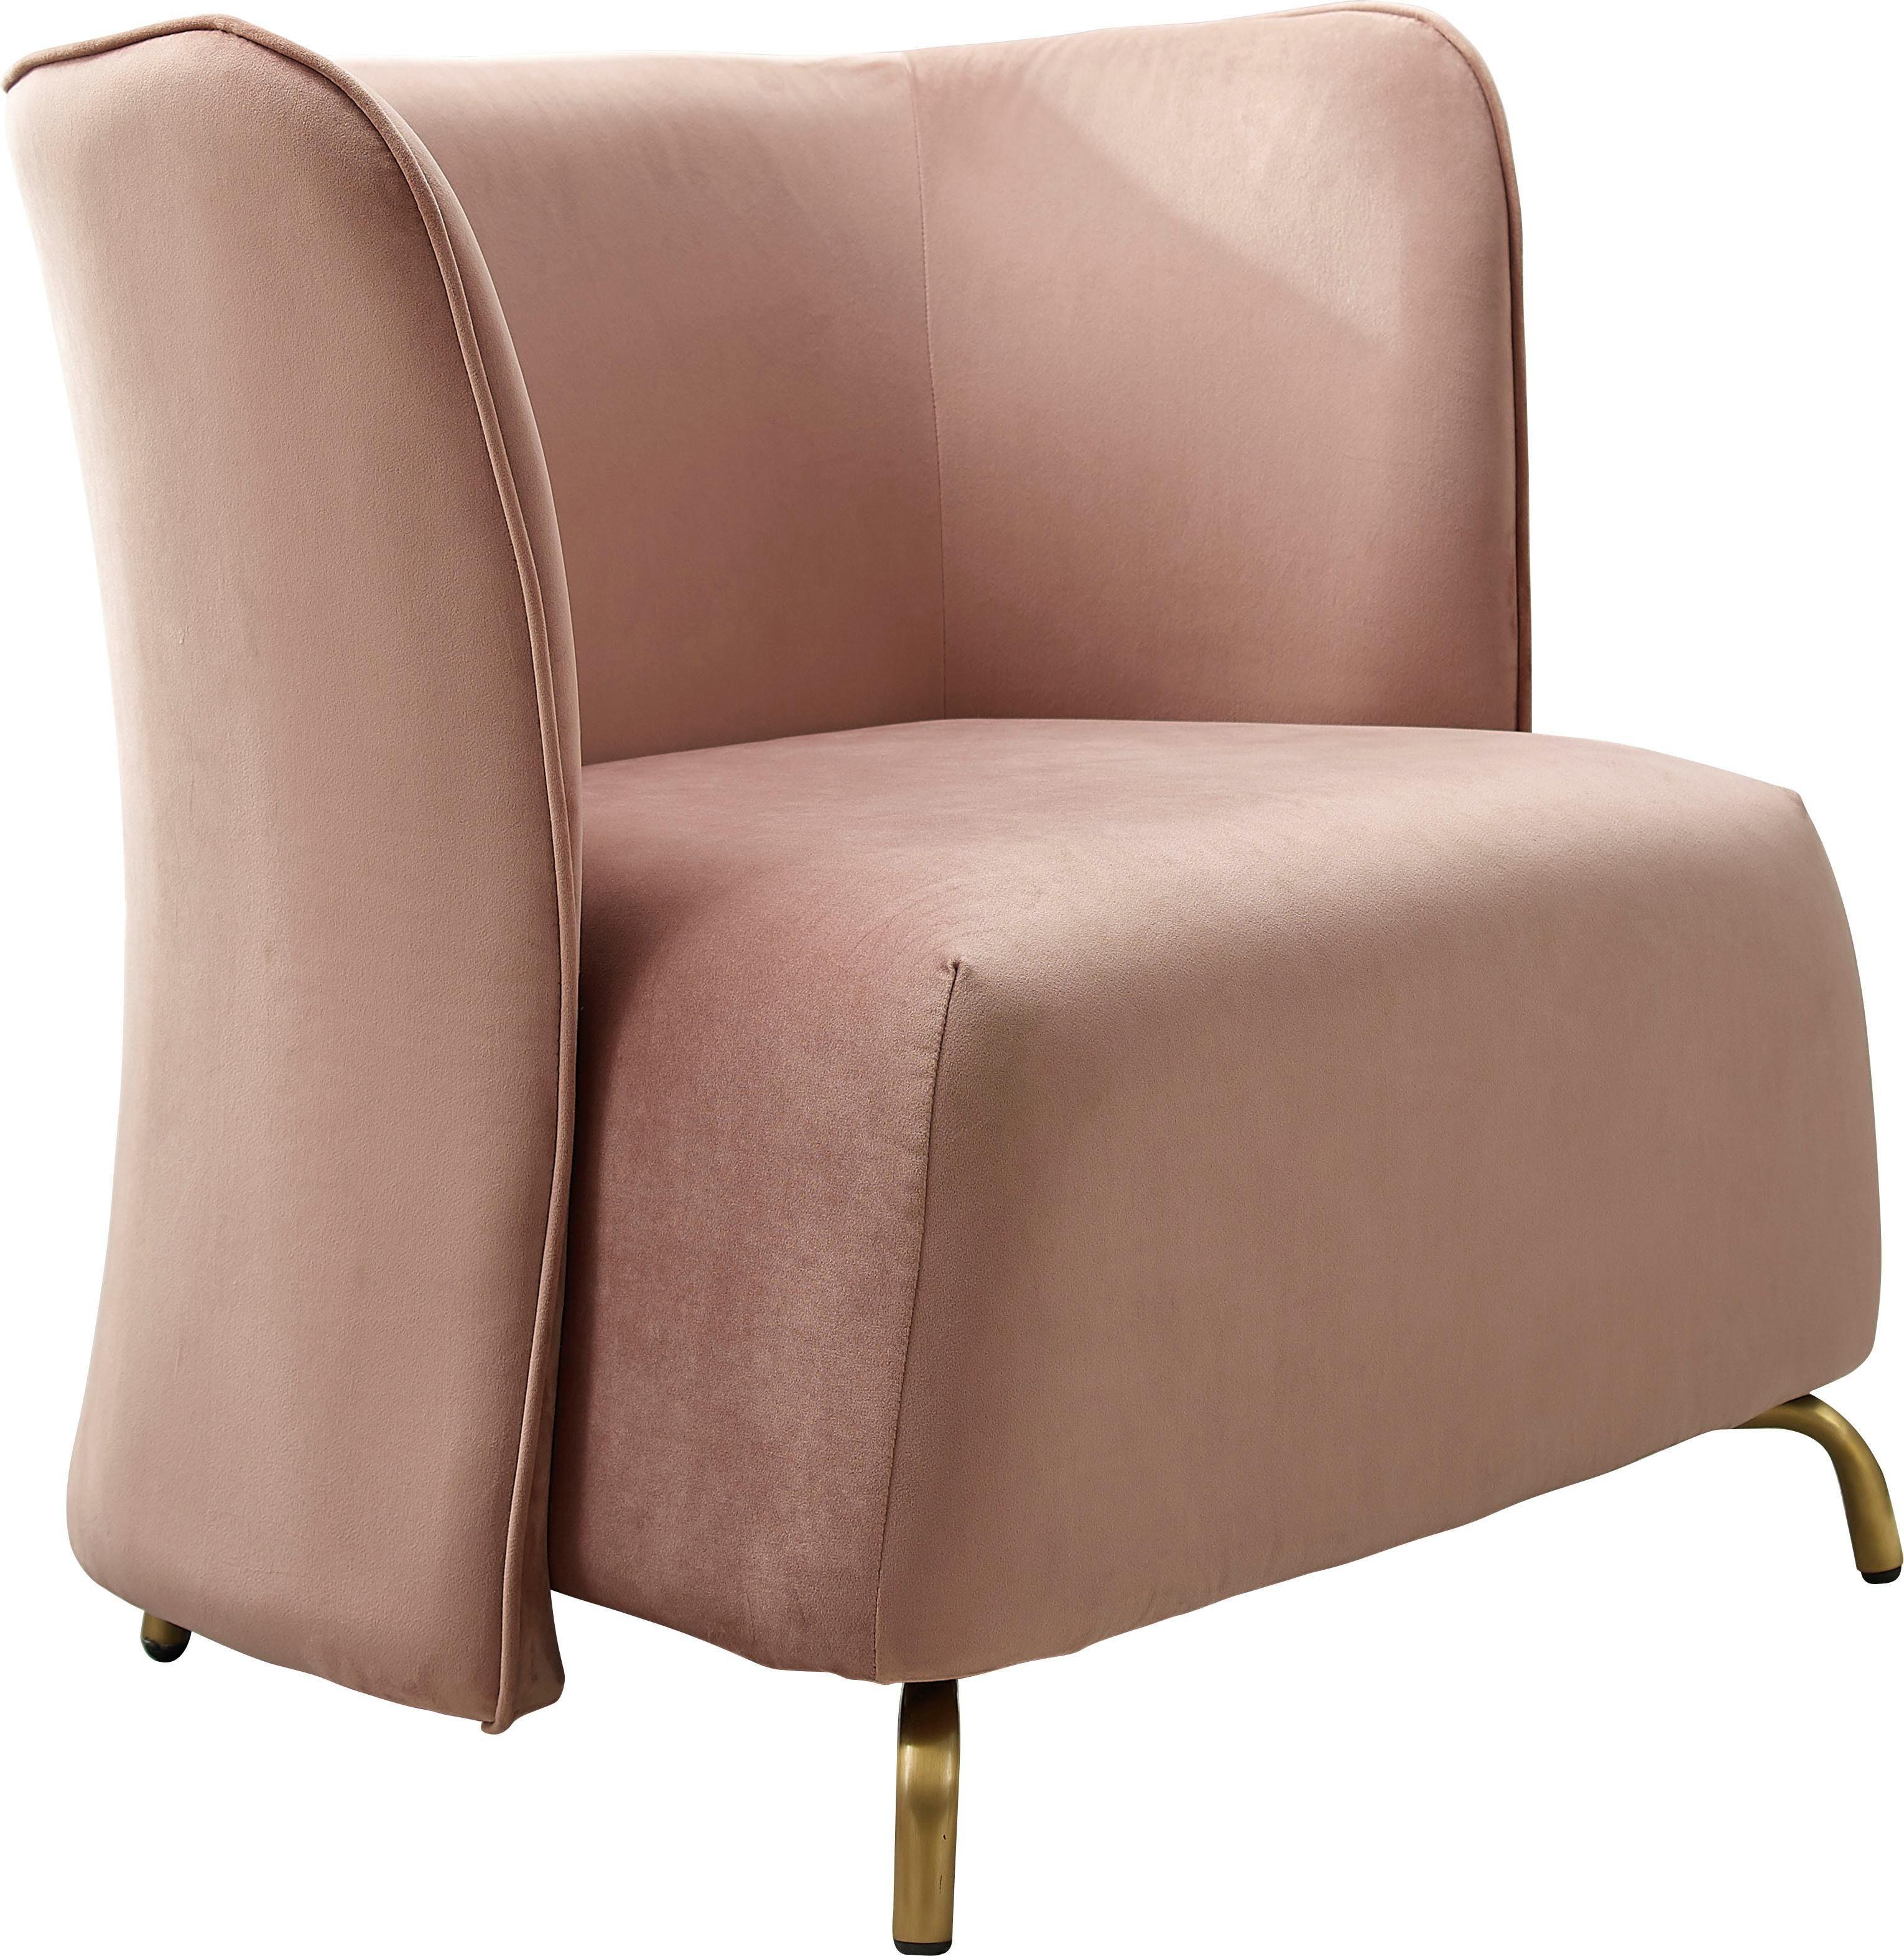 COUCH♥ Loungesessel Perfekt Platziert